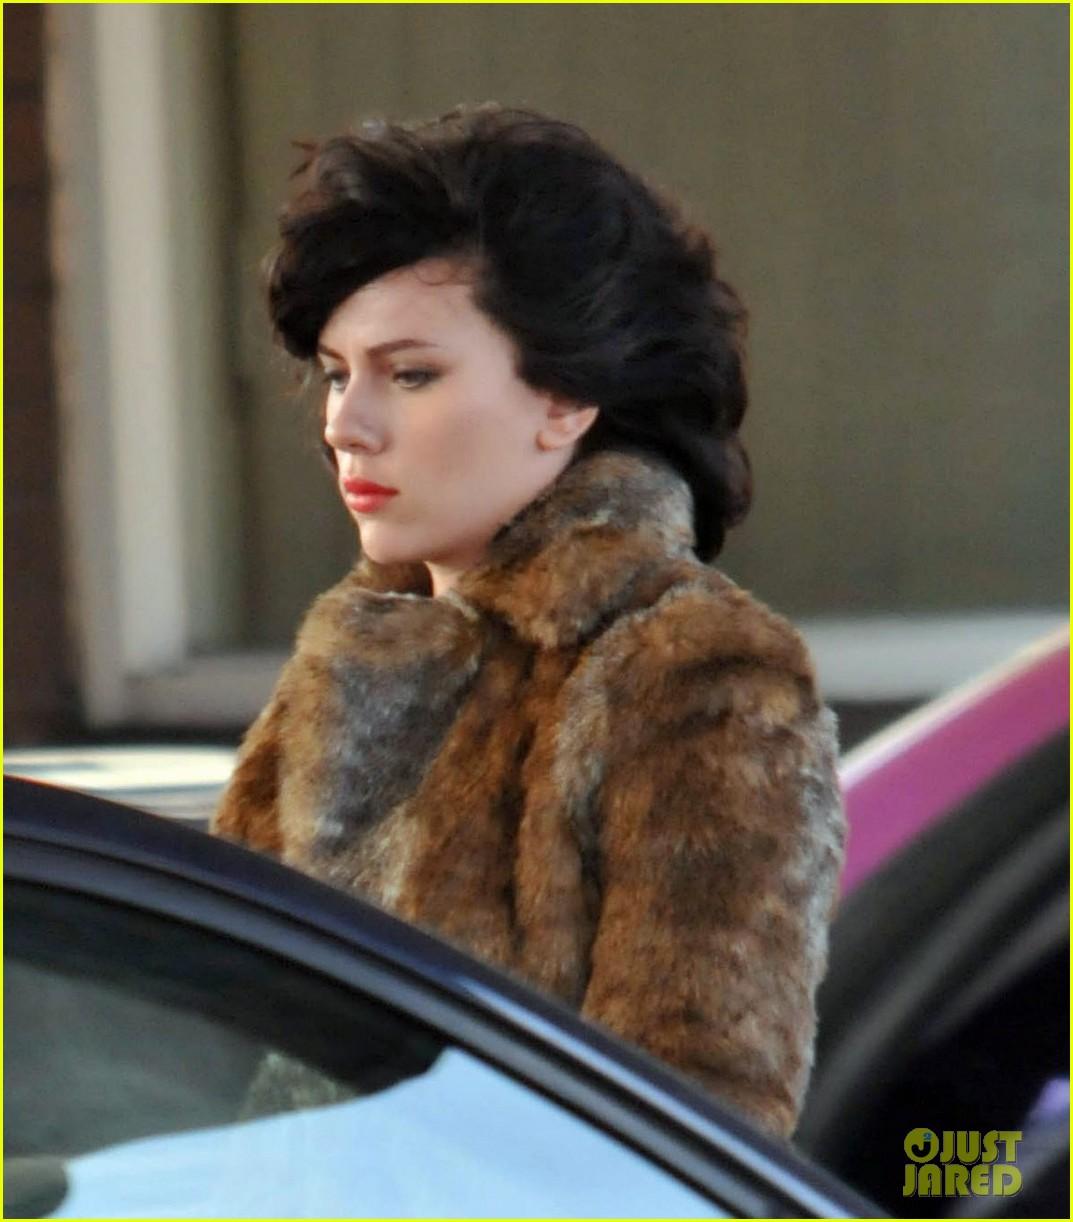 Scarlett Johansson Dark Hair For Under The Skin Photo 2593103 Scarlett Johansson Pictures Just Jared